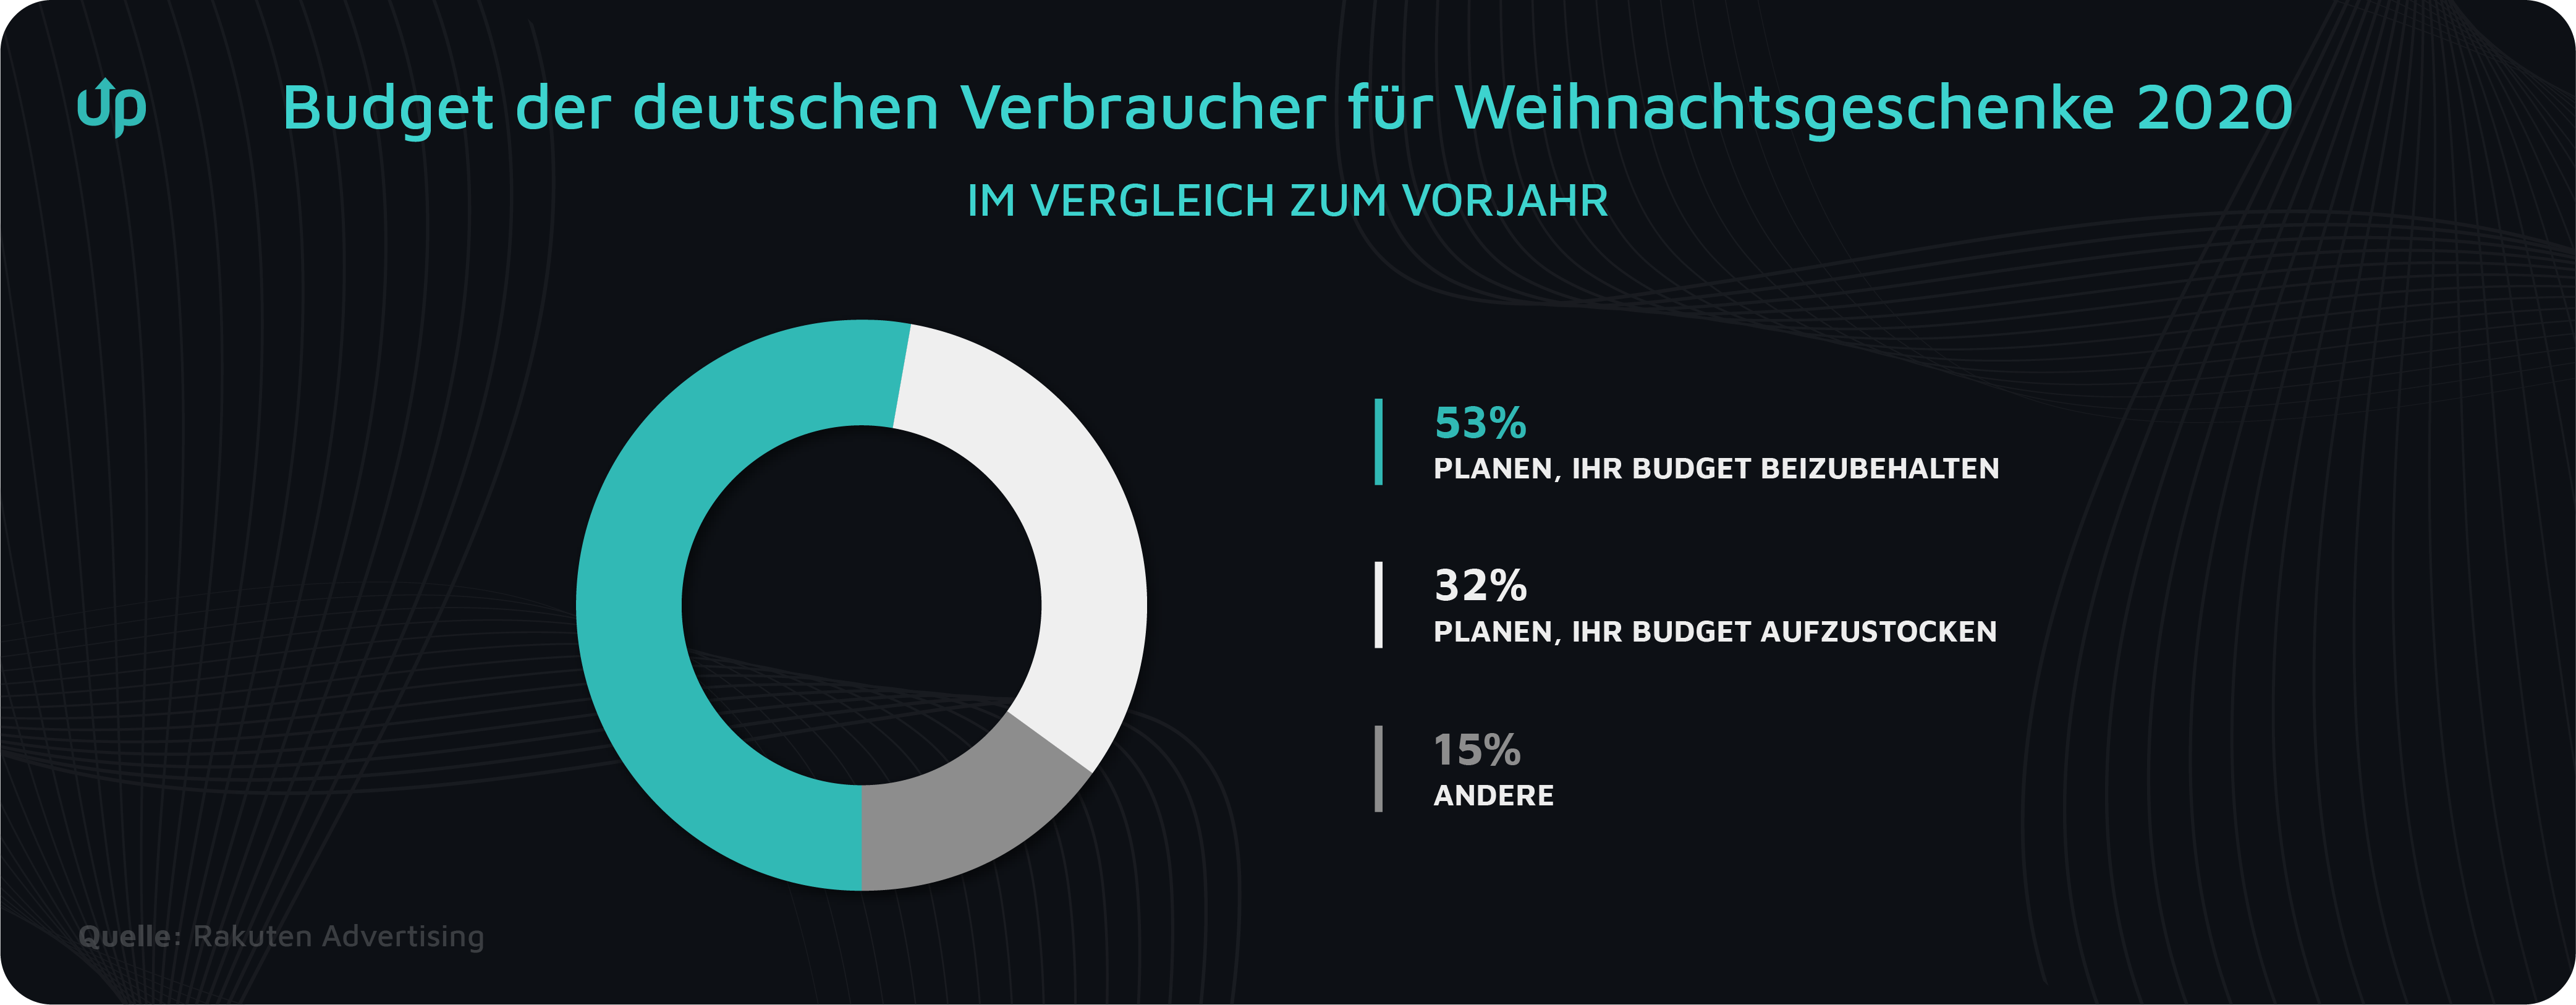 Weihnachtsgesch-ft2020_Geschenk-Budget2020_DE